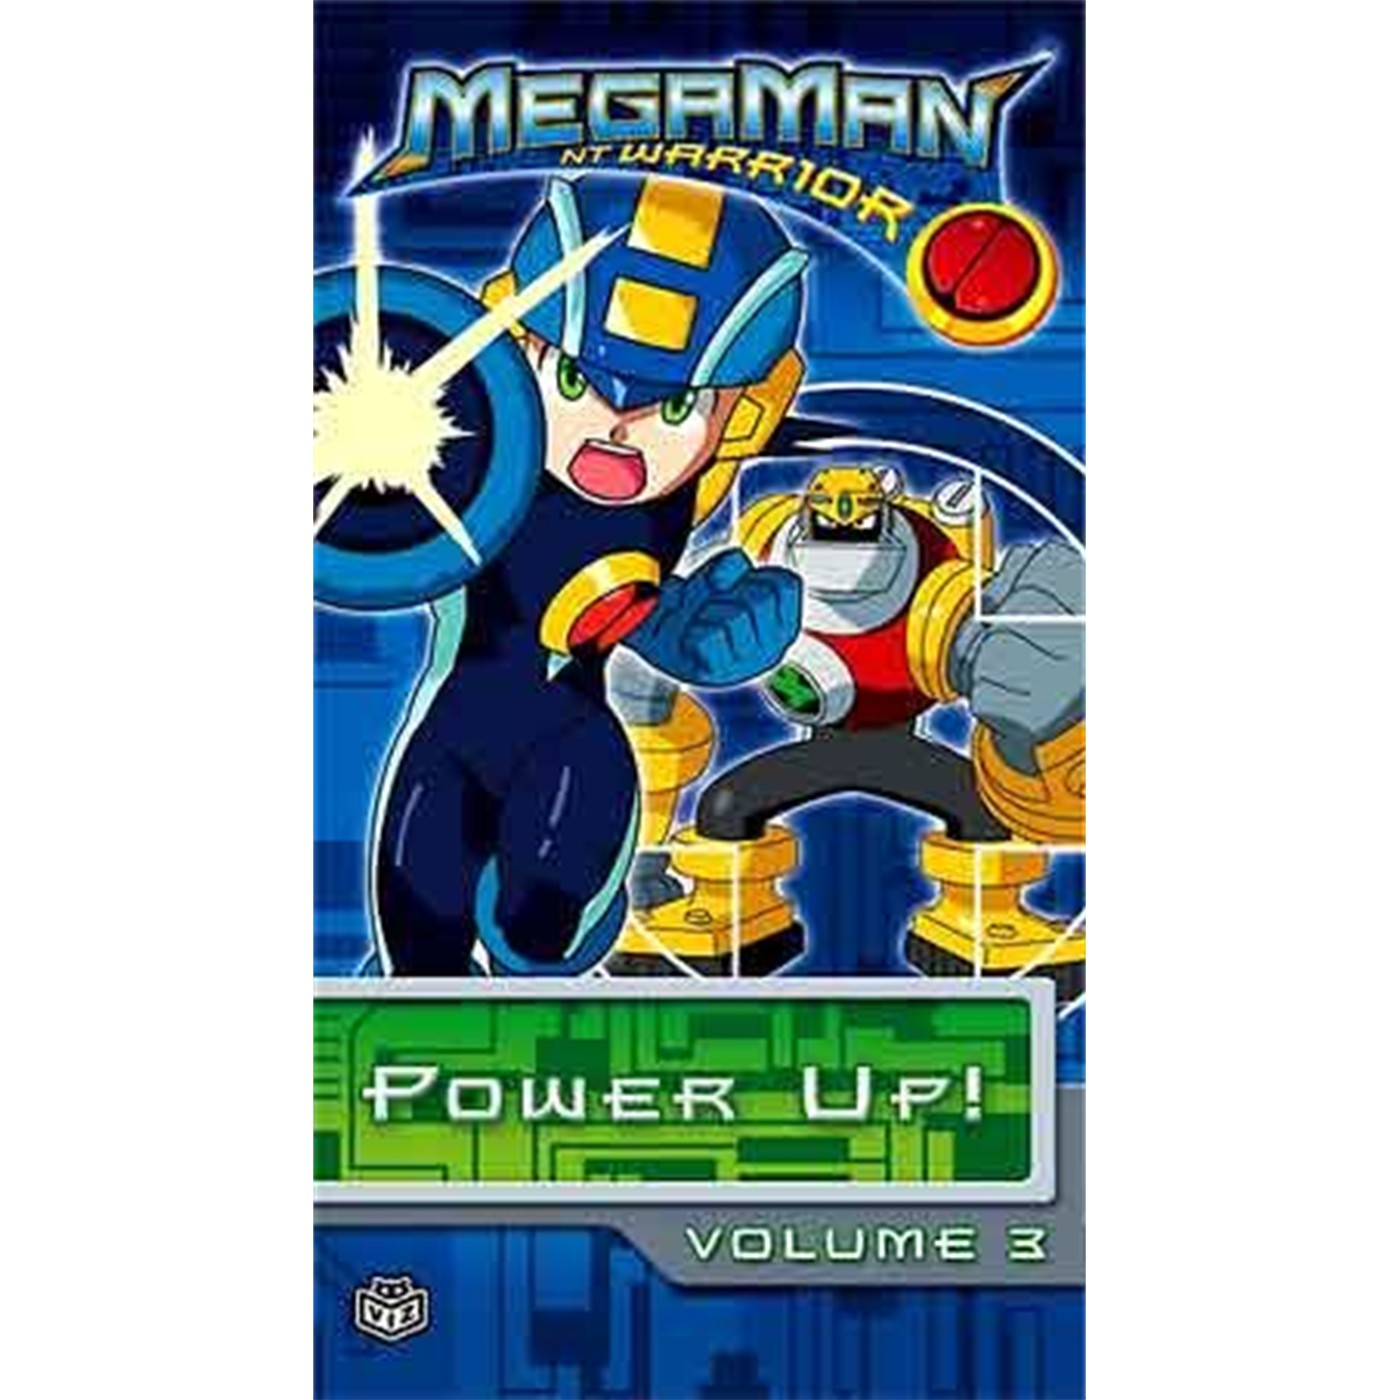 MEGAMAN NT WARRIOR, Vol. 3 (VHS)